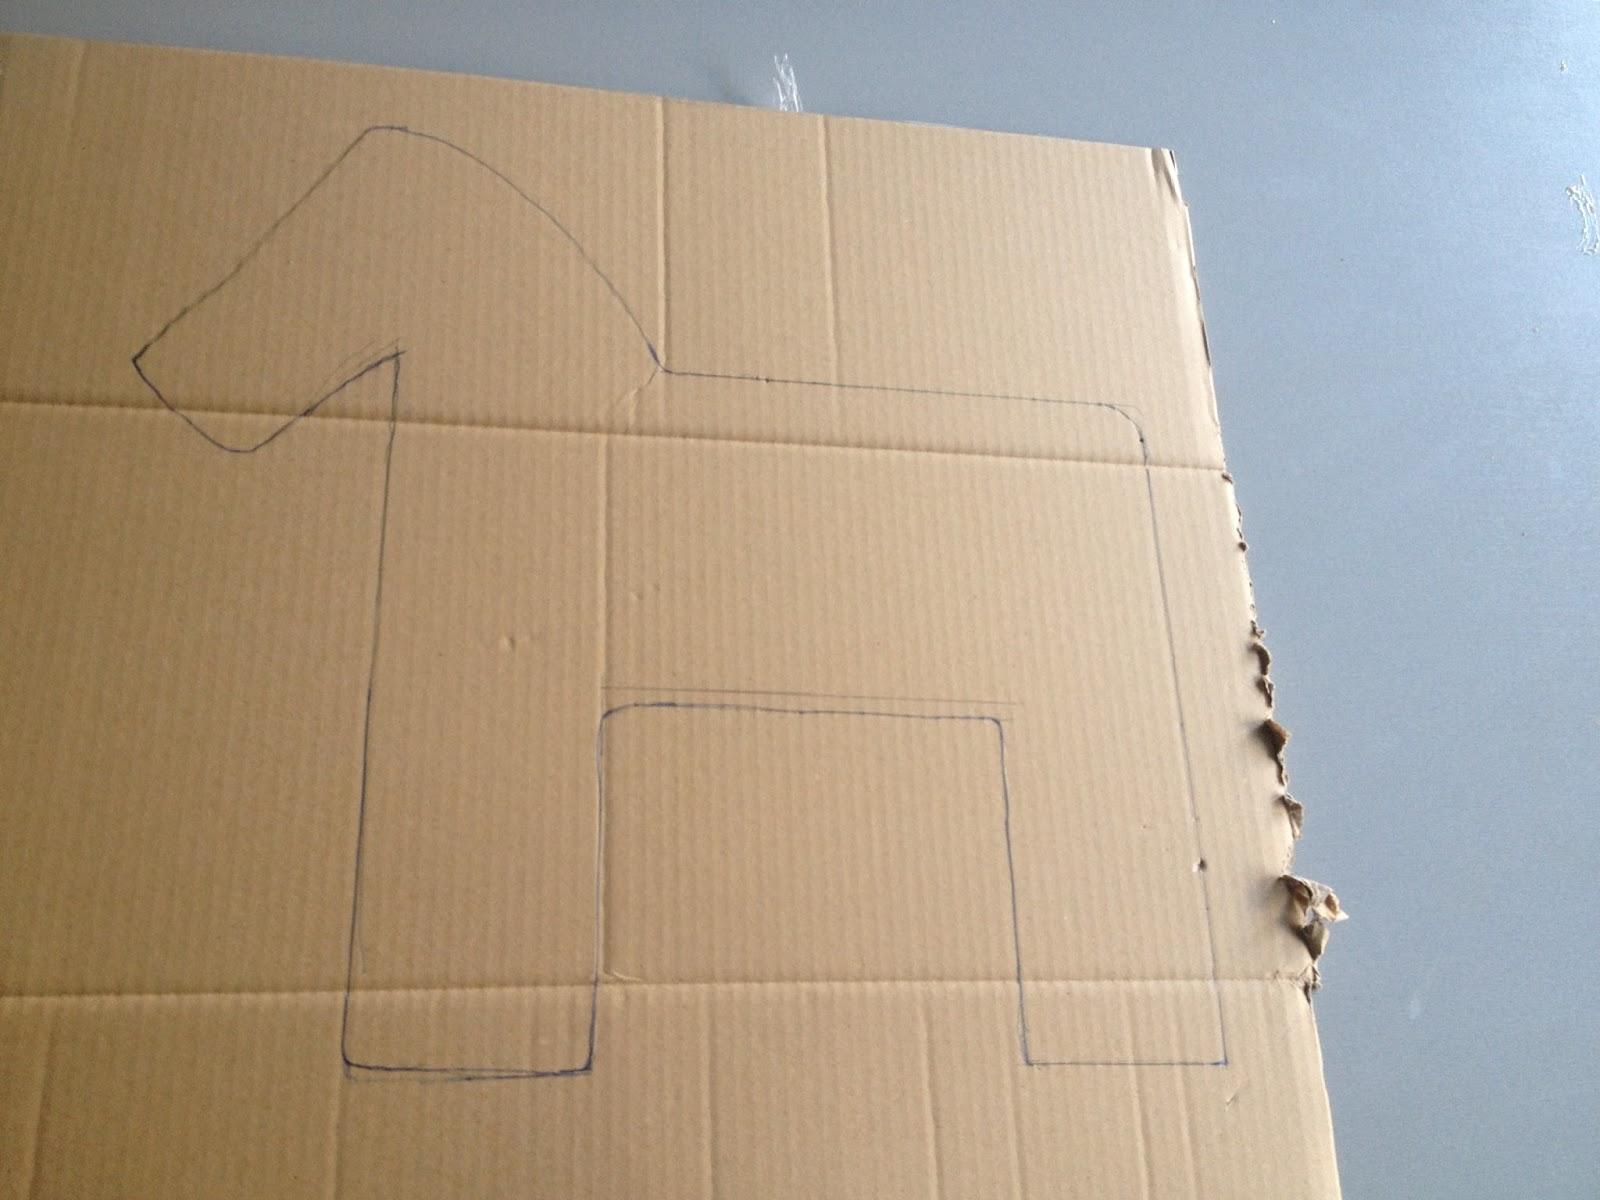 d calquer cette forme sur l 39 autre partie du carton. Black Bedroom Furniture Sets. Home Design Ideas